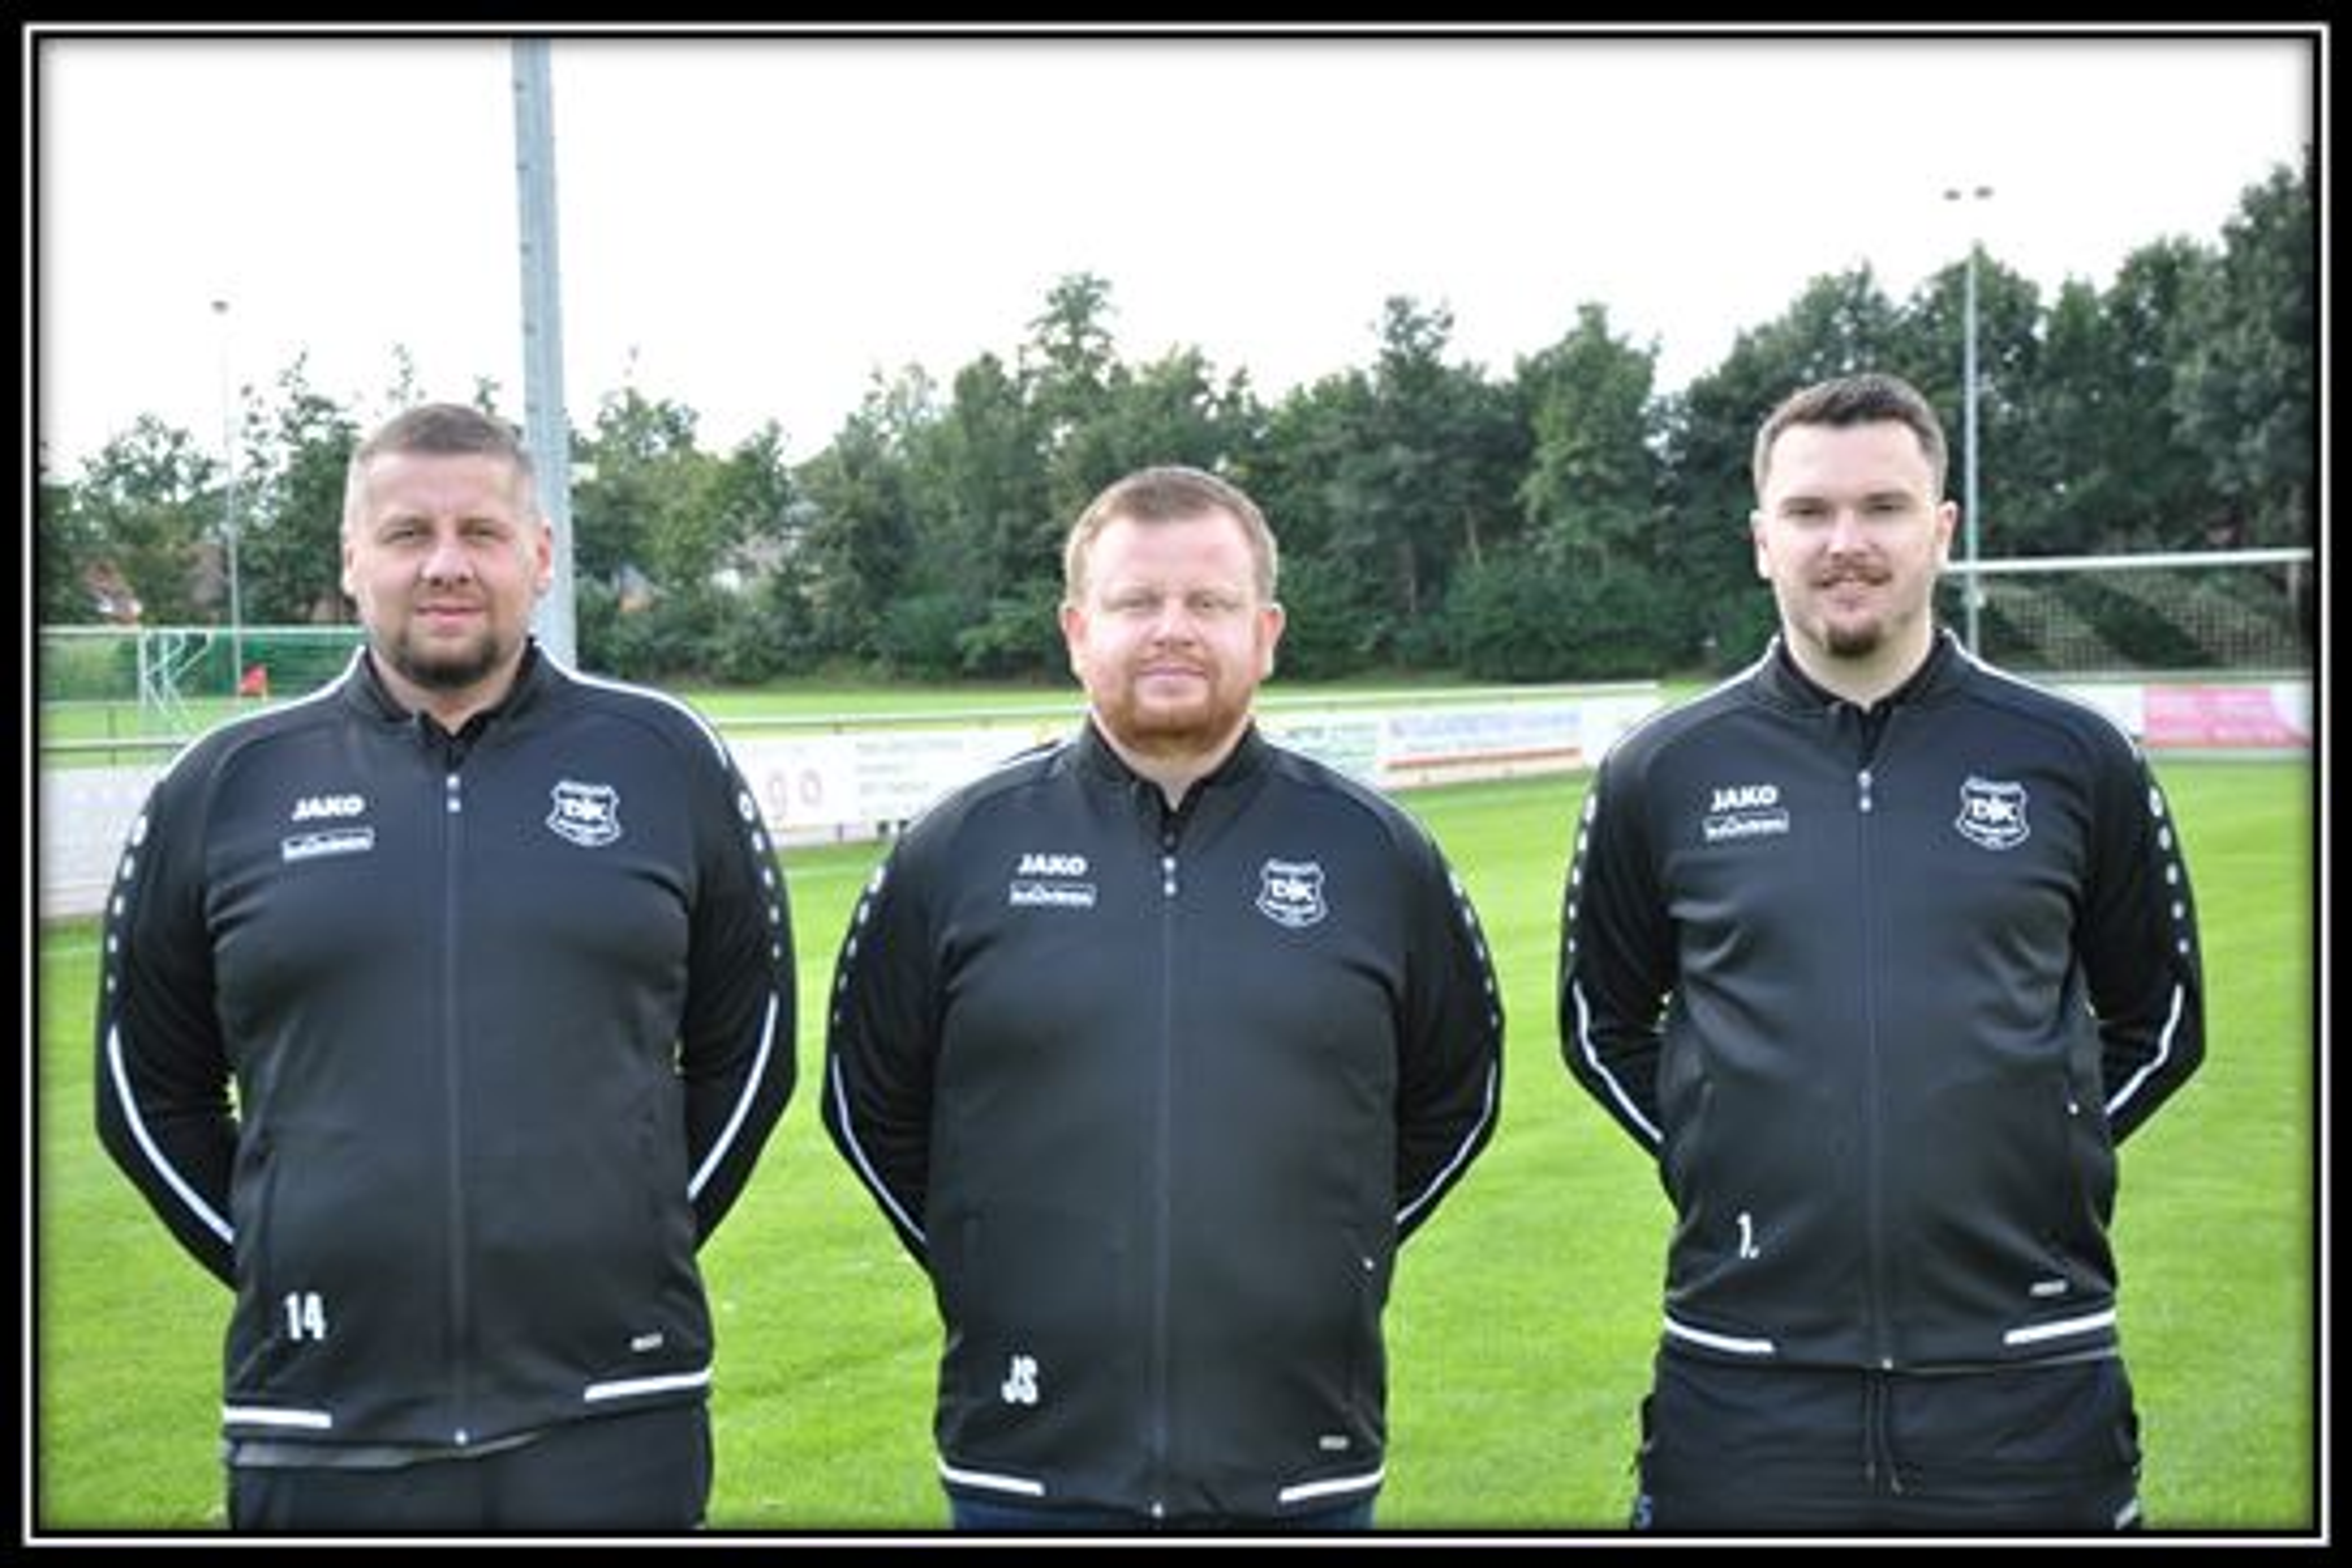 Betreuer Florian Breer, Trainer Jens Schipmann, Betreuer Thorsten Eberg